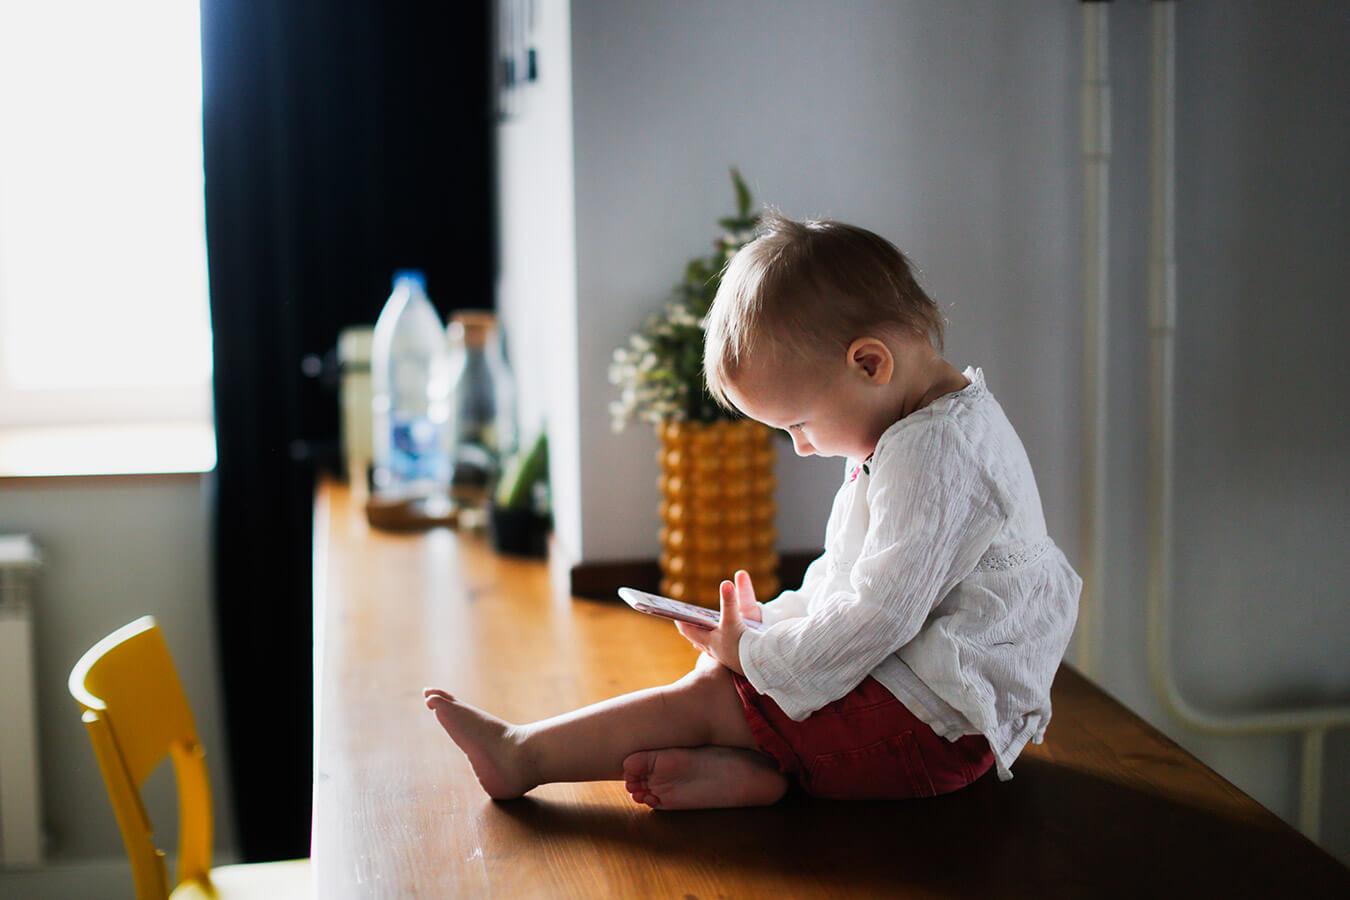 44 tygodniowe dziecko – Jak wygląda 11 miesiąc życia dziecka?